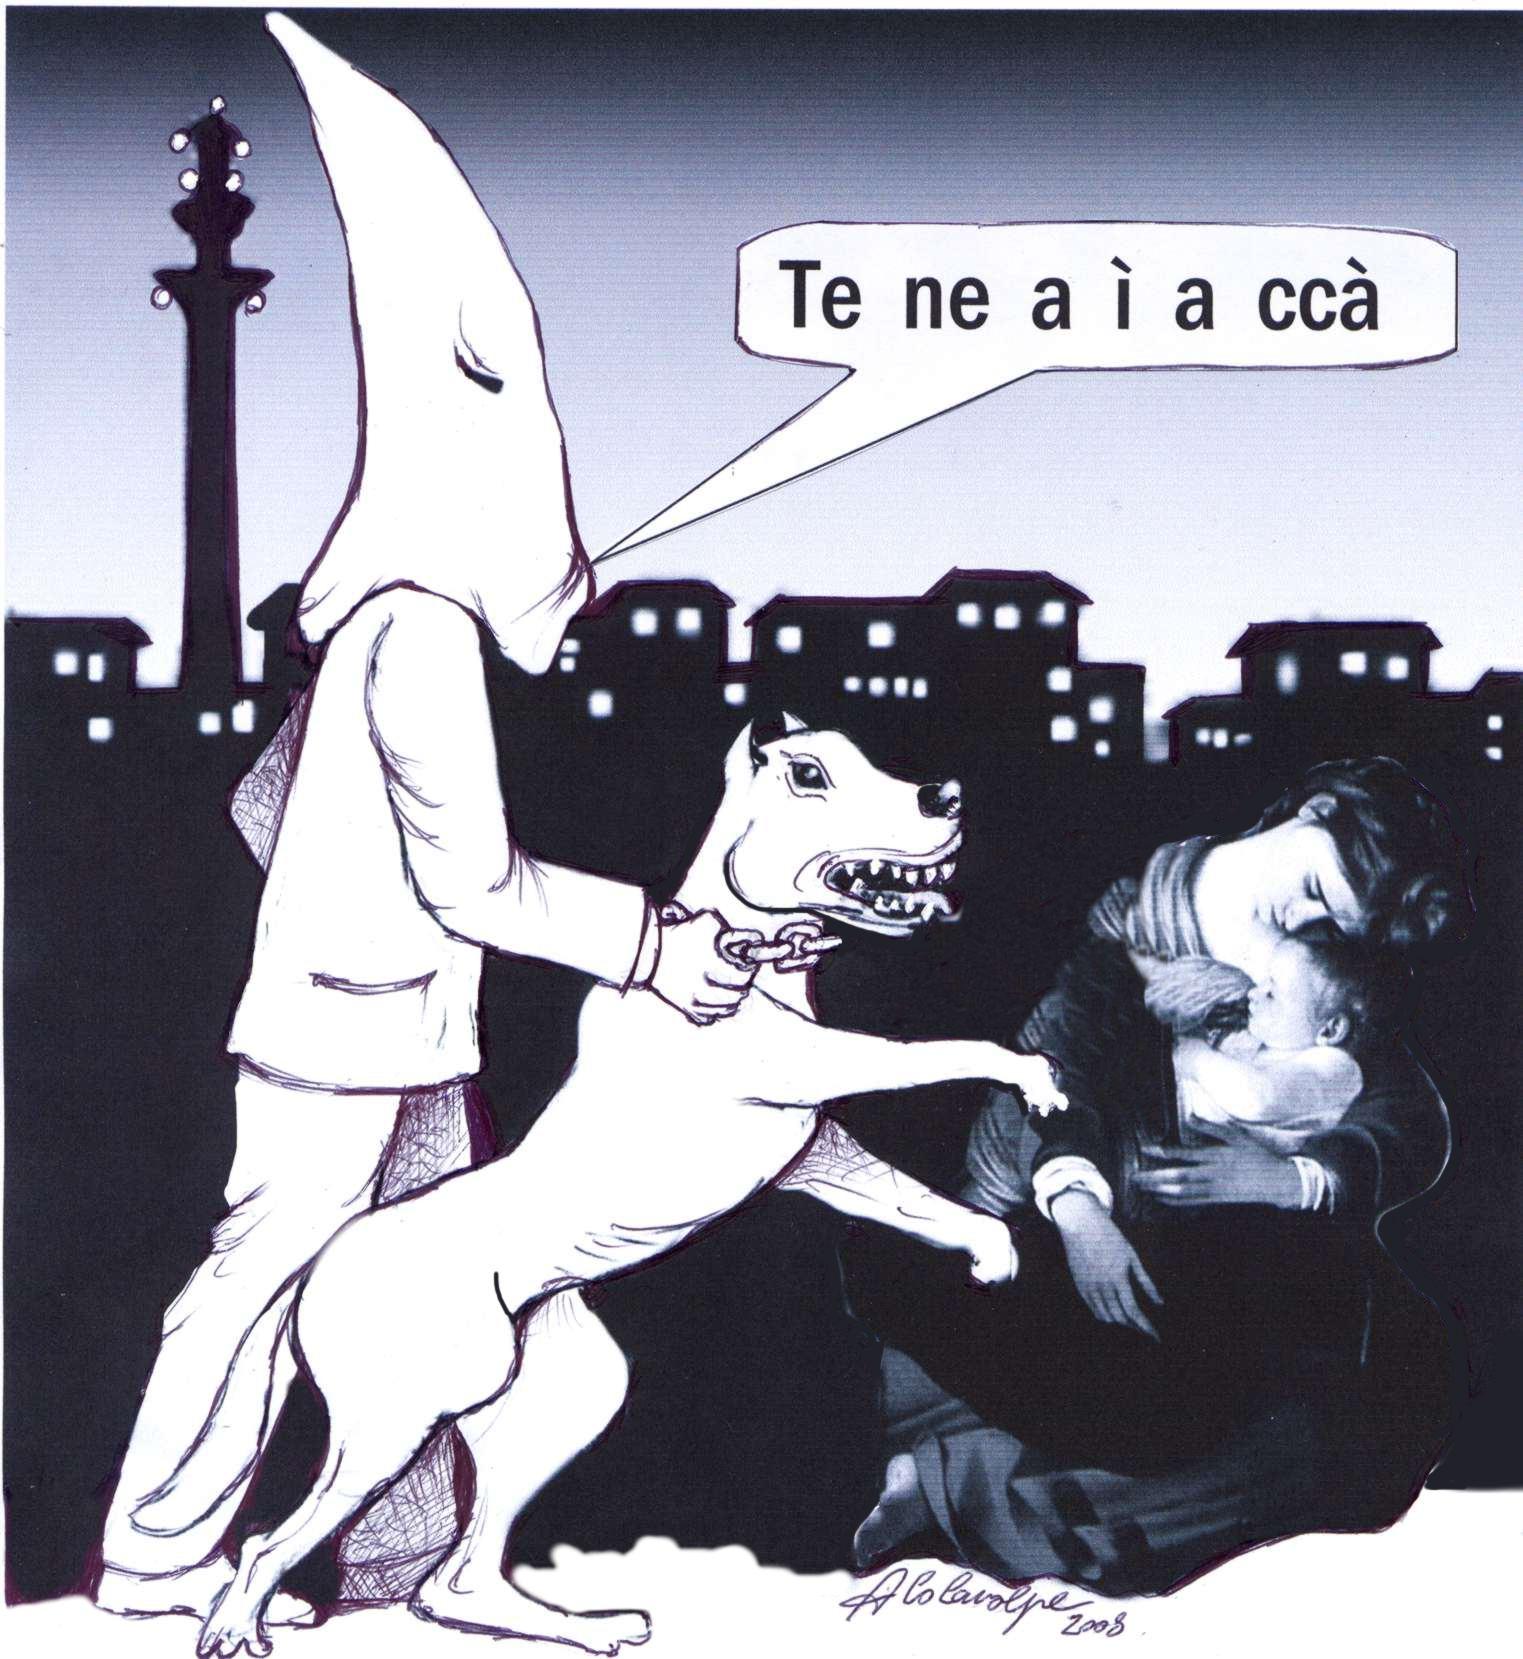 vignetta di Nello Colavolpe: un incappucciato con cane feroce caccia una donna che allatta il suo bambino'